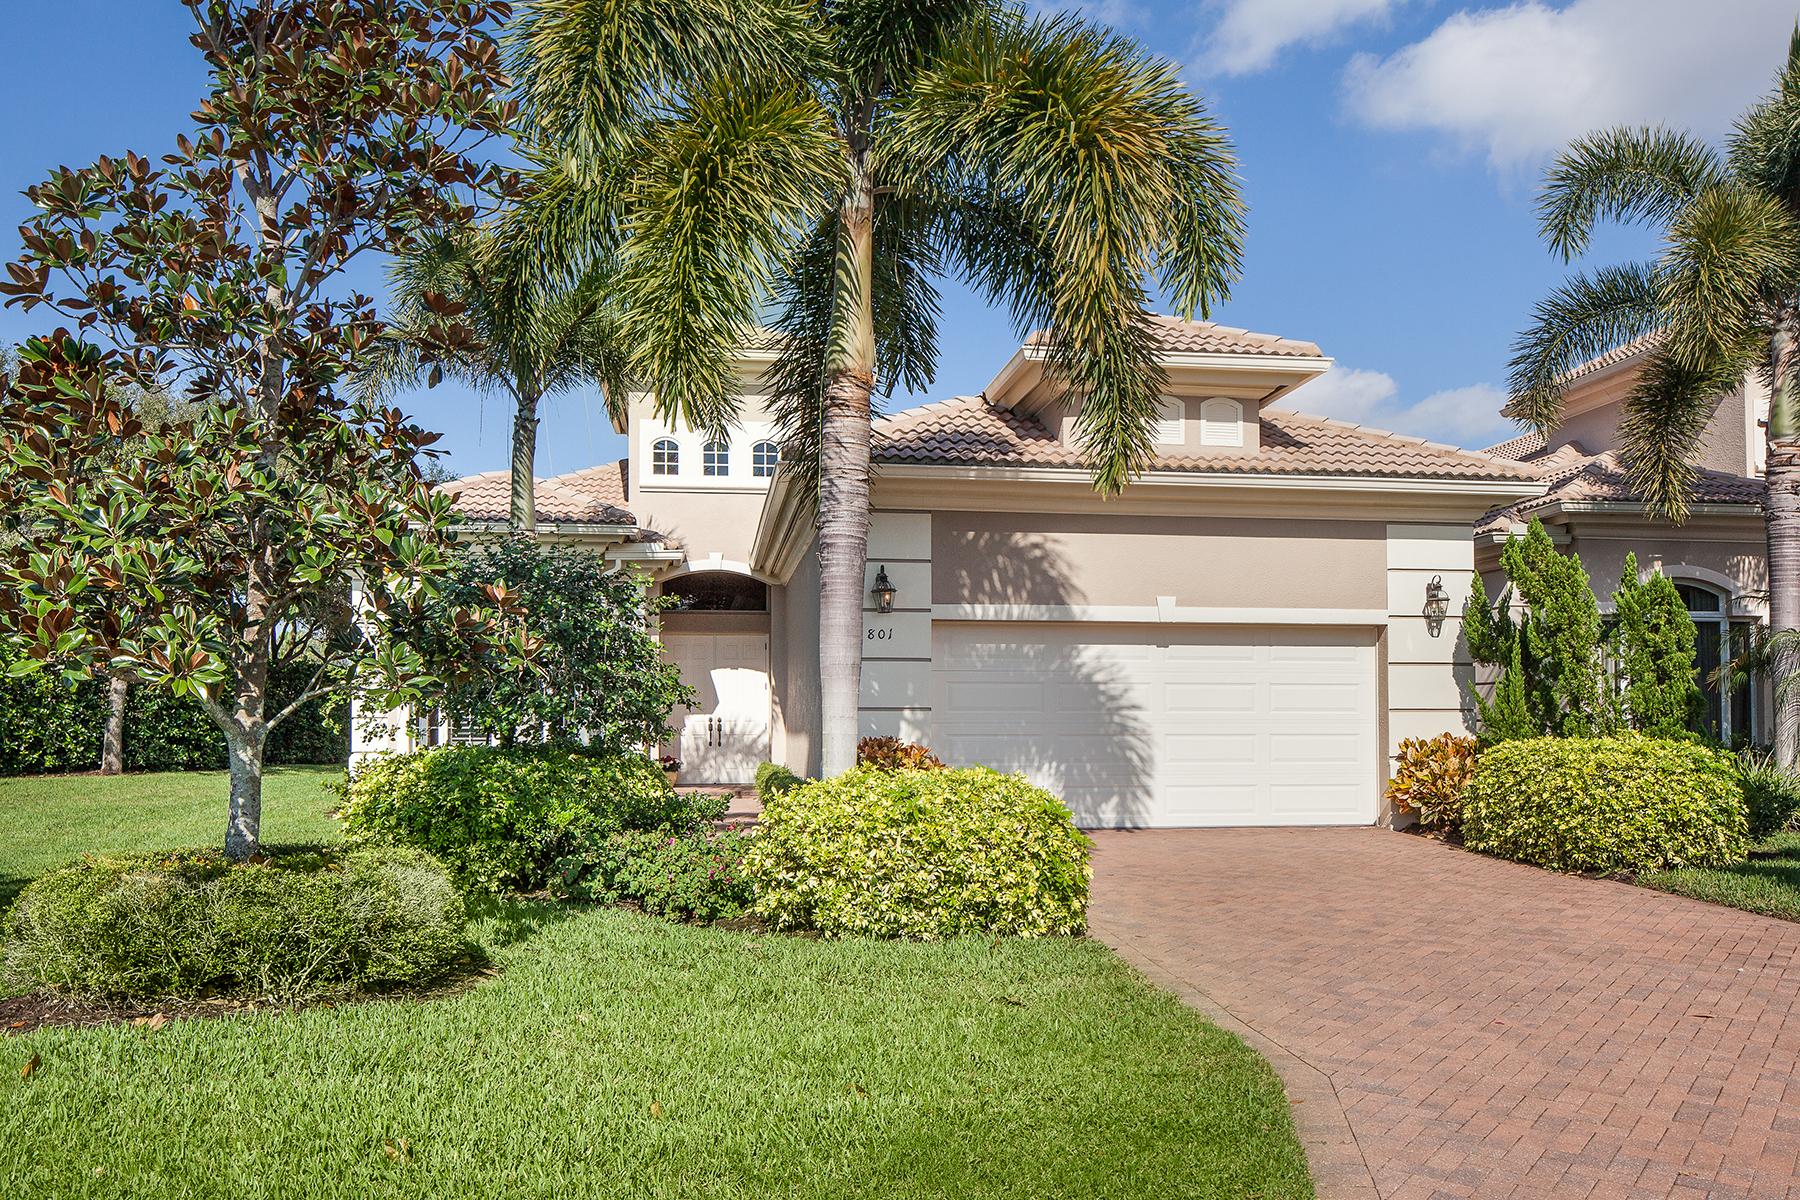 단독 가정 주택 용 매매 에 VINEYARDS 801 Villa Florenza Dr Naples, 플로리다 34119 미국